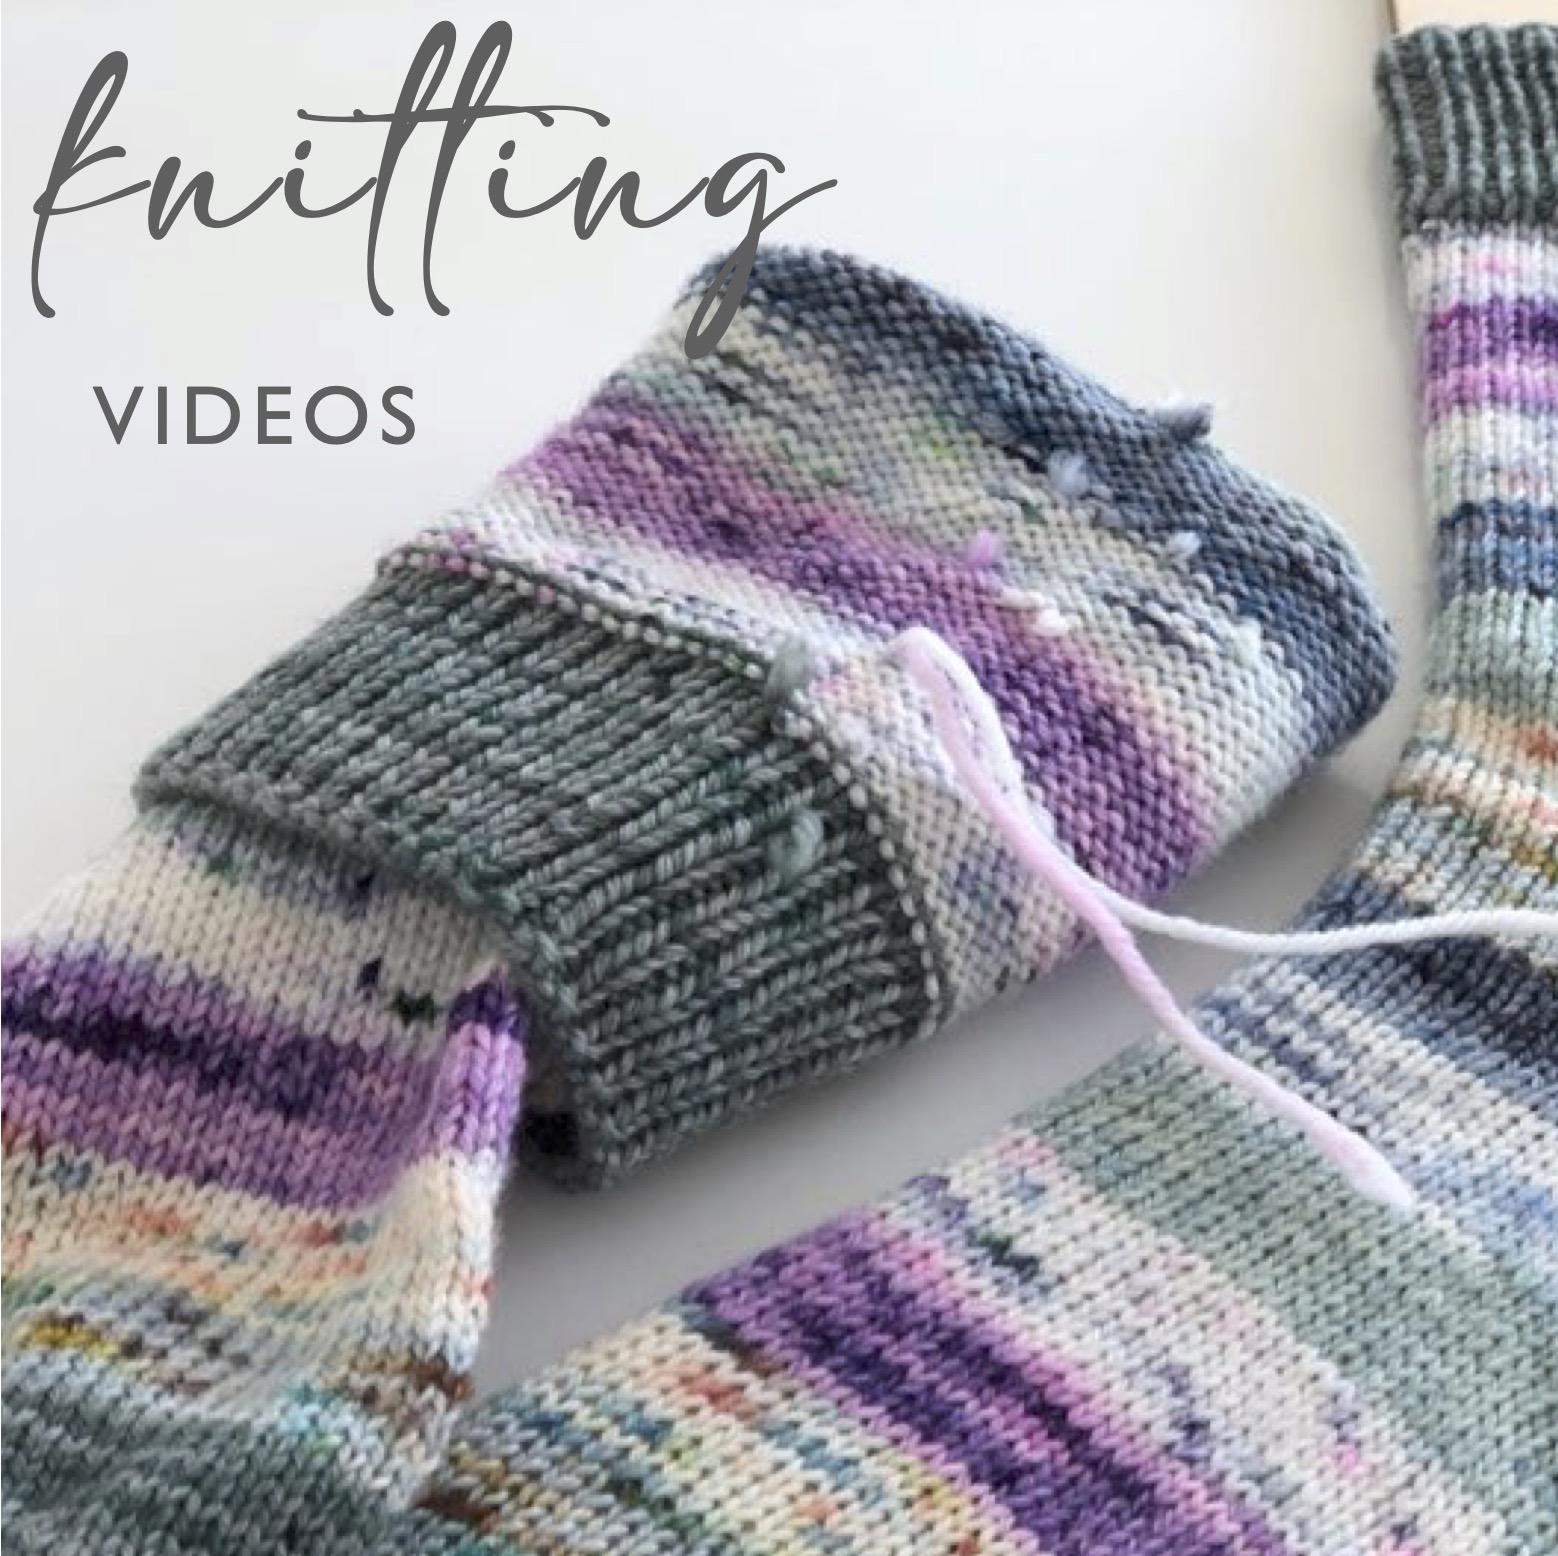 Knitting Tutorials Link